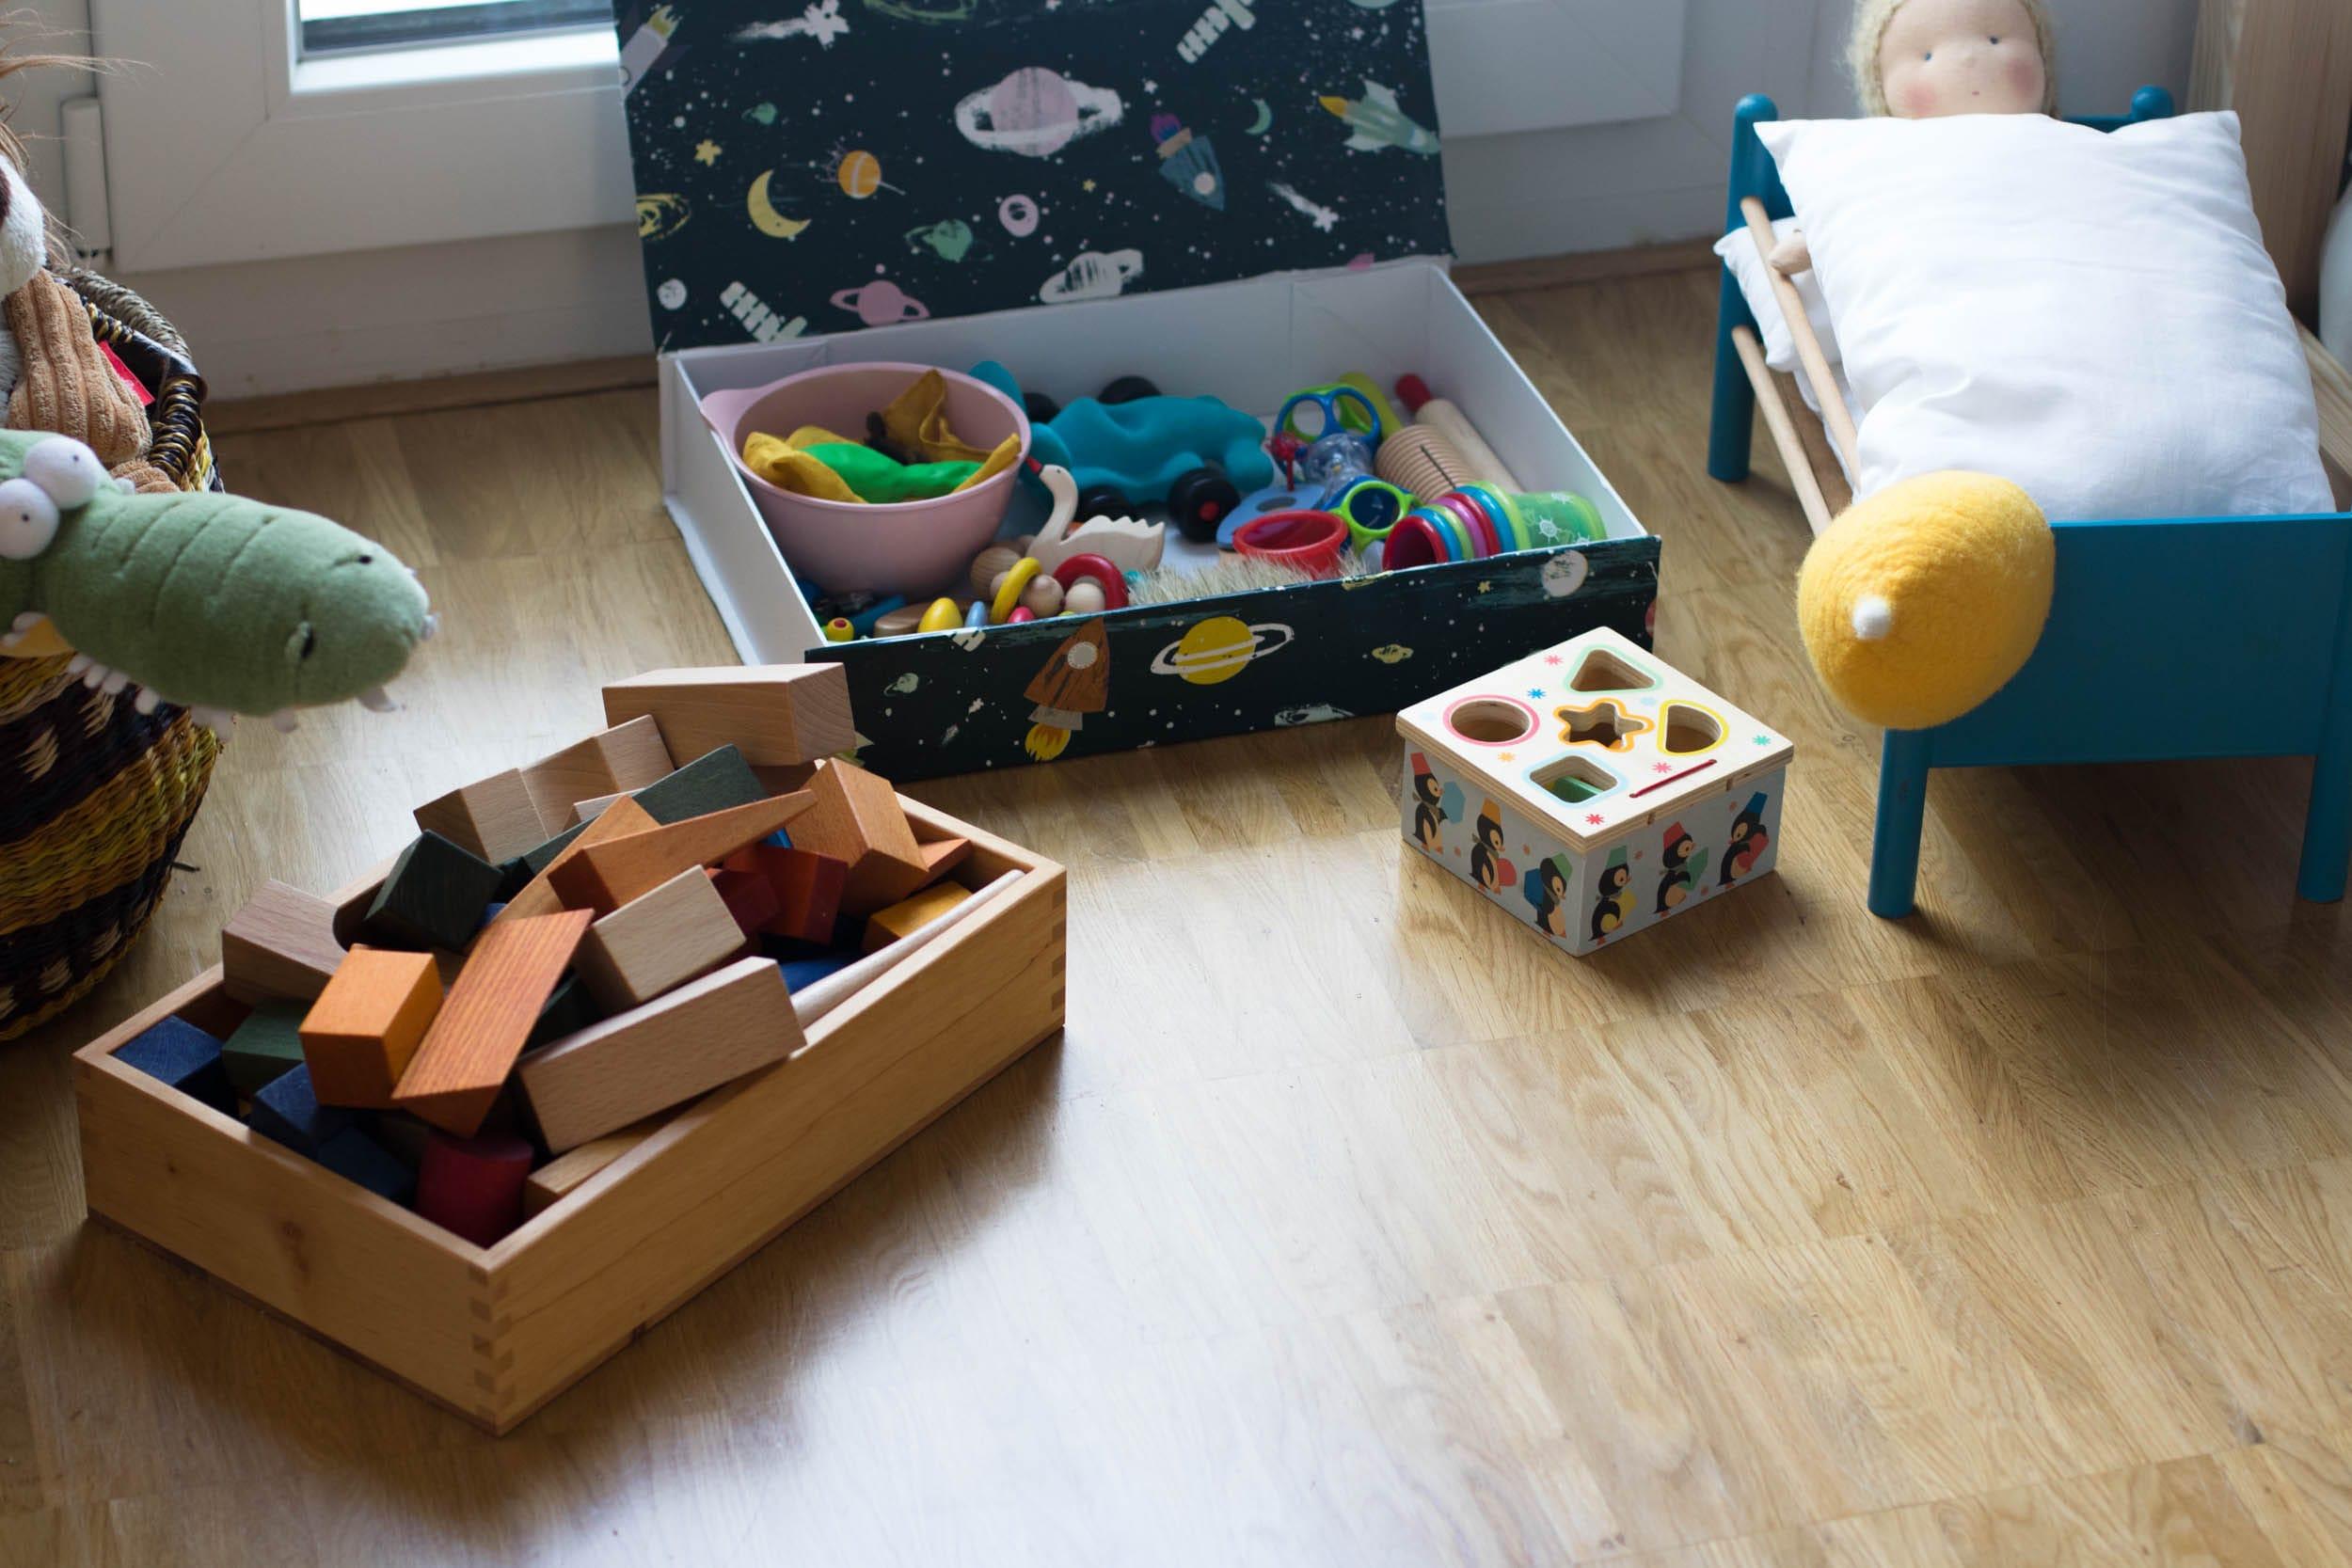 7 tipps f r mehr ordnung im alltag mit kleinkind. Black Bedroom Furniture Sets. Home Design Ideas